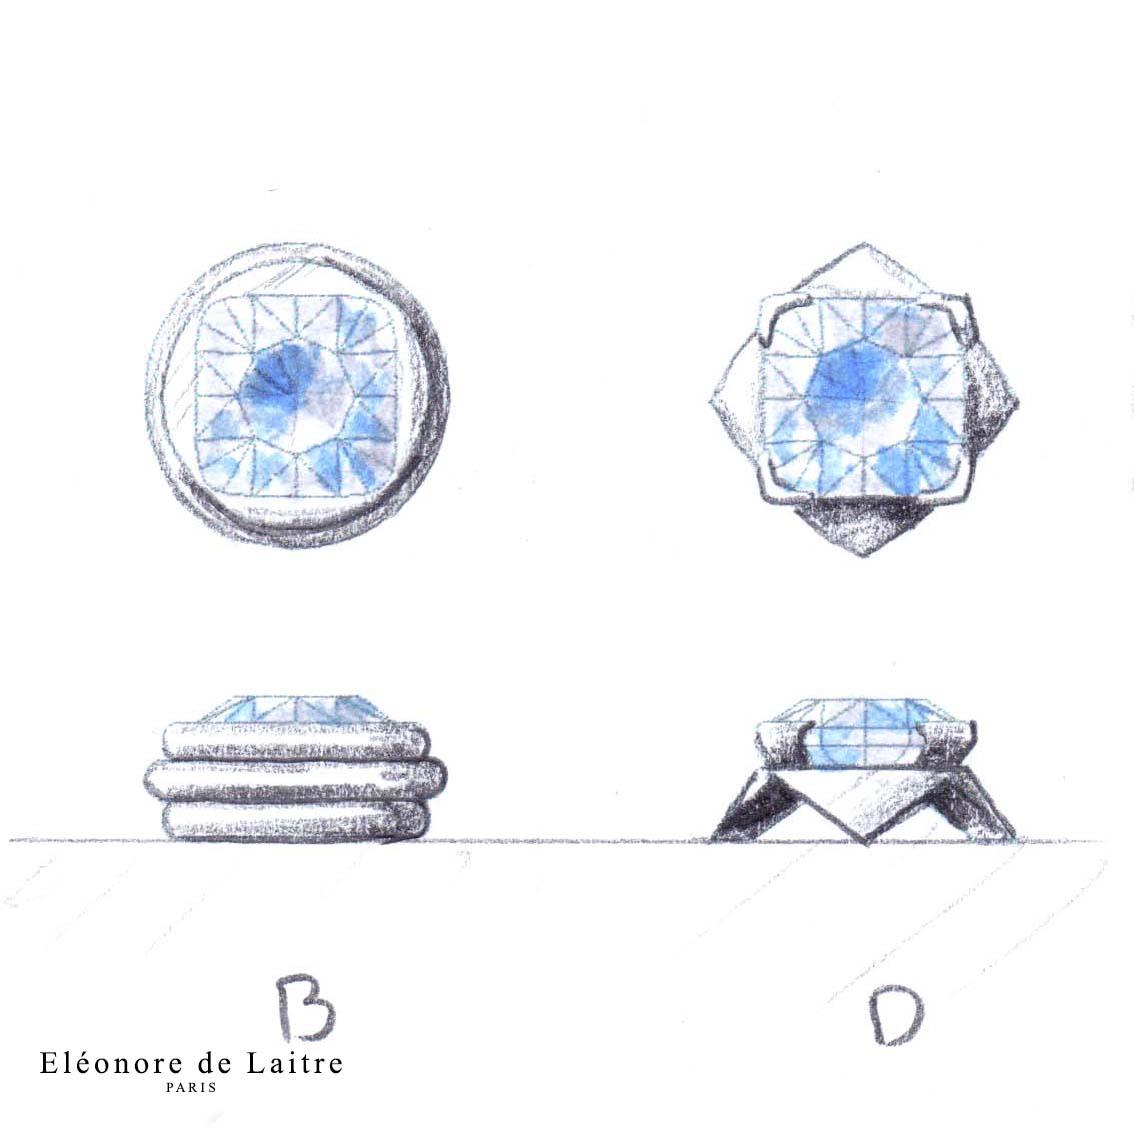 Eléonore de Laitre - Sur-mesure - Création - Boutons de manchette - Aigue-marines, or blanc